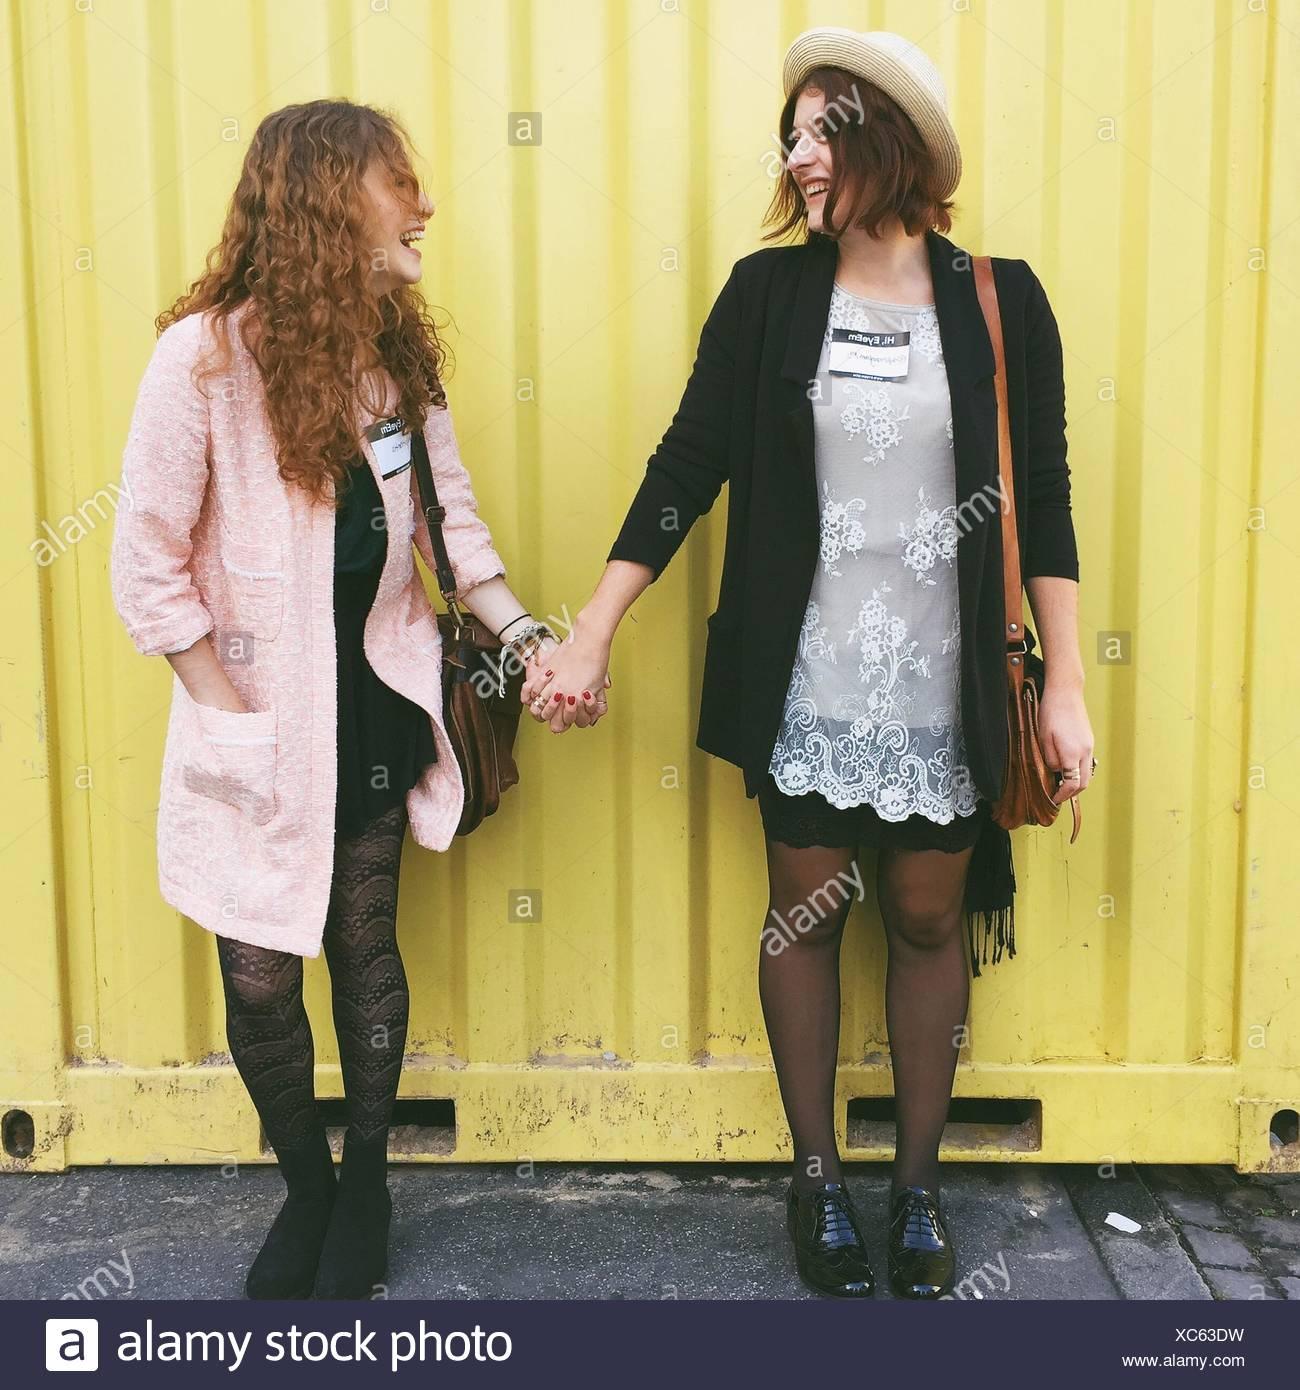 Allegro amico tenendo le mani mentre in piedi contro la parete metallica Immagini Stock